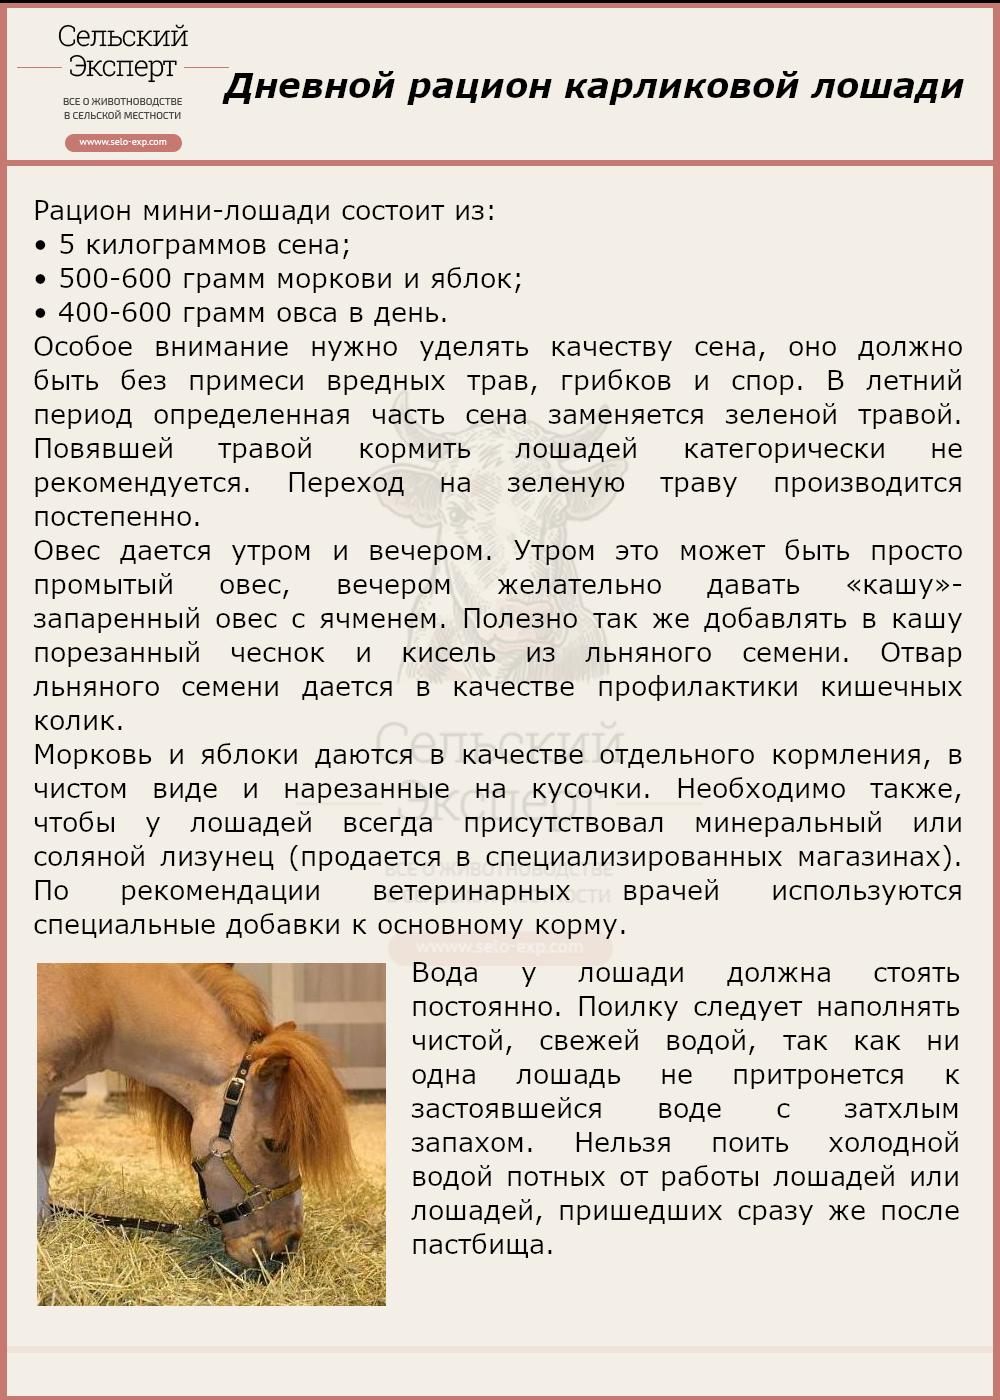 Дневной рацион карликовой лошади